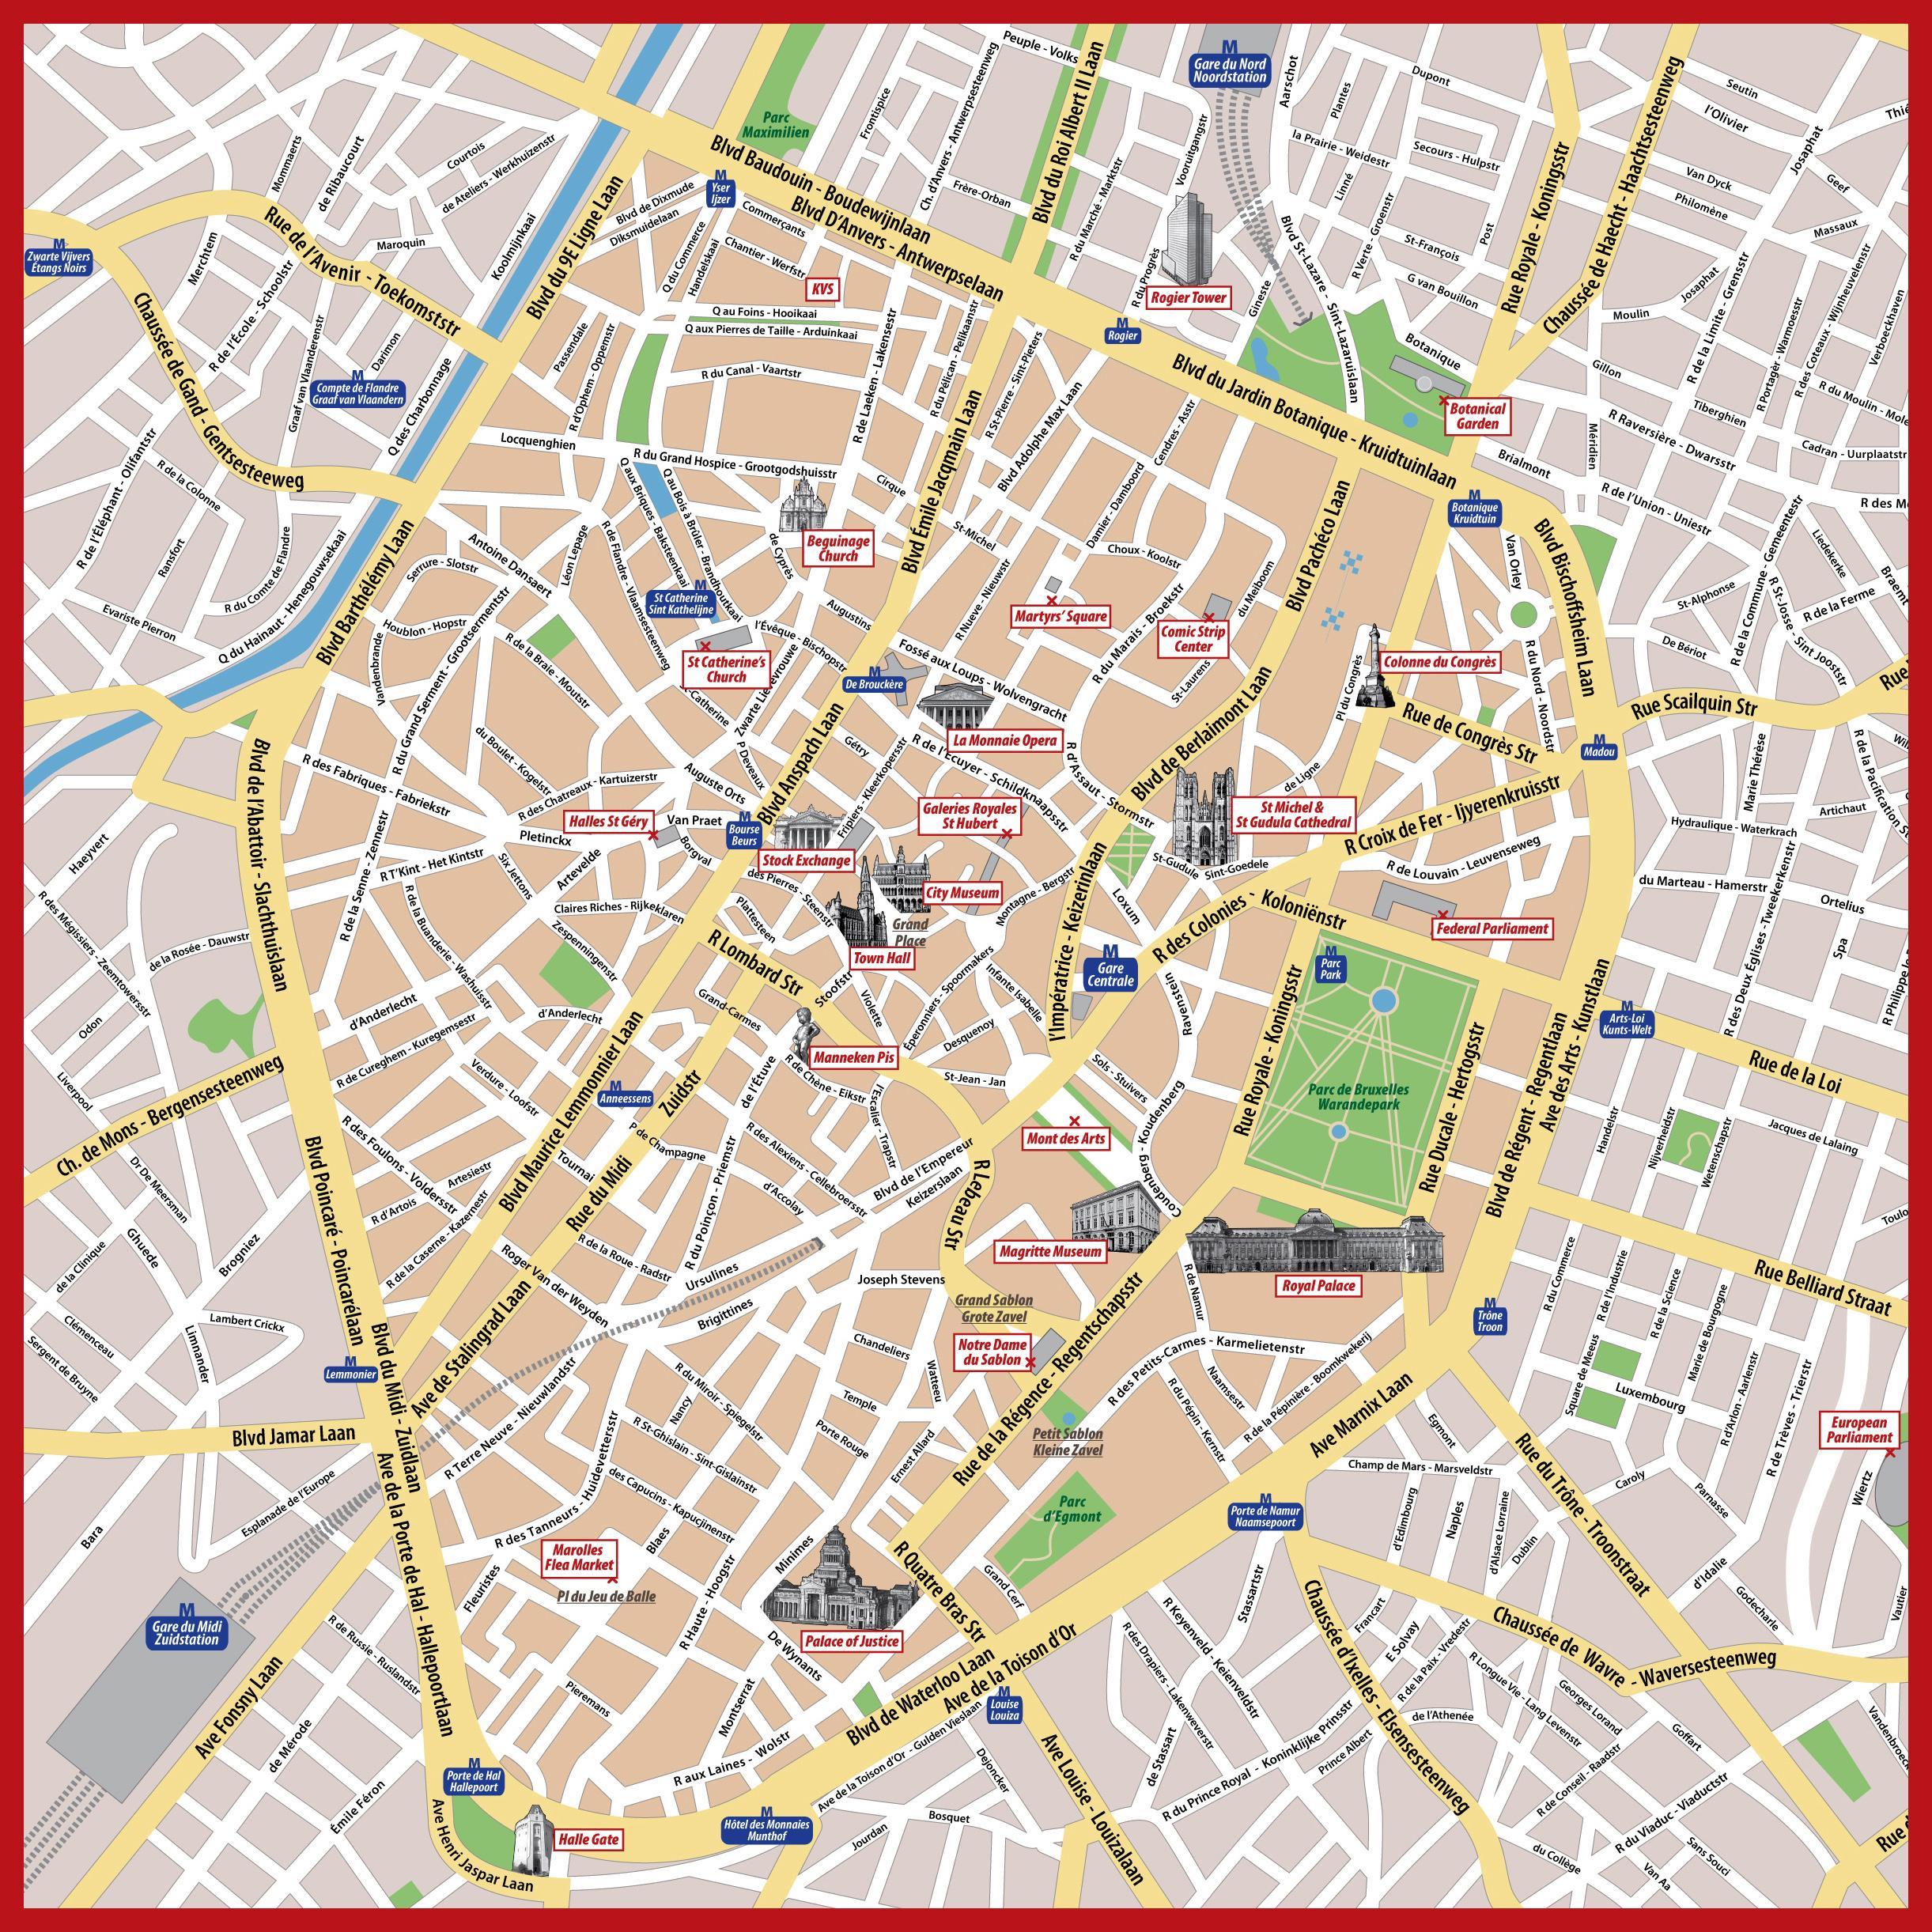 Brussels street map Bruxelles street map Belgium